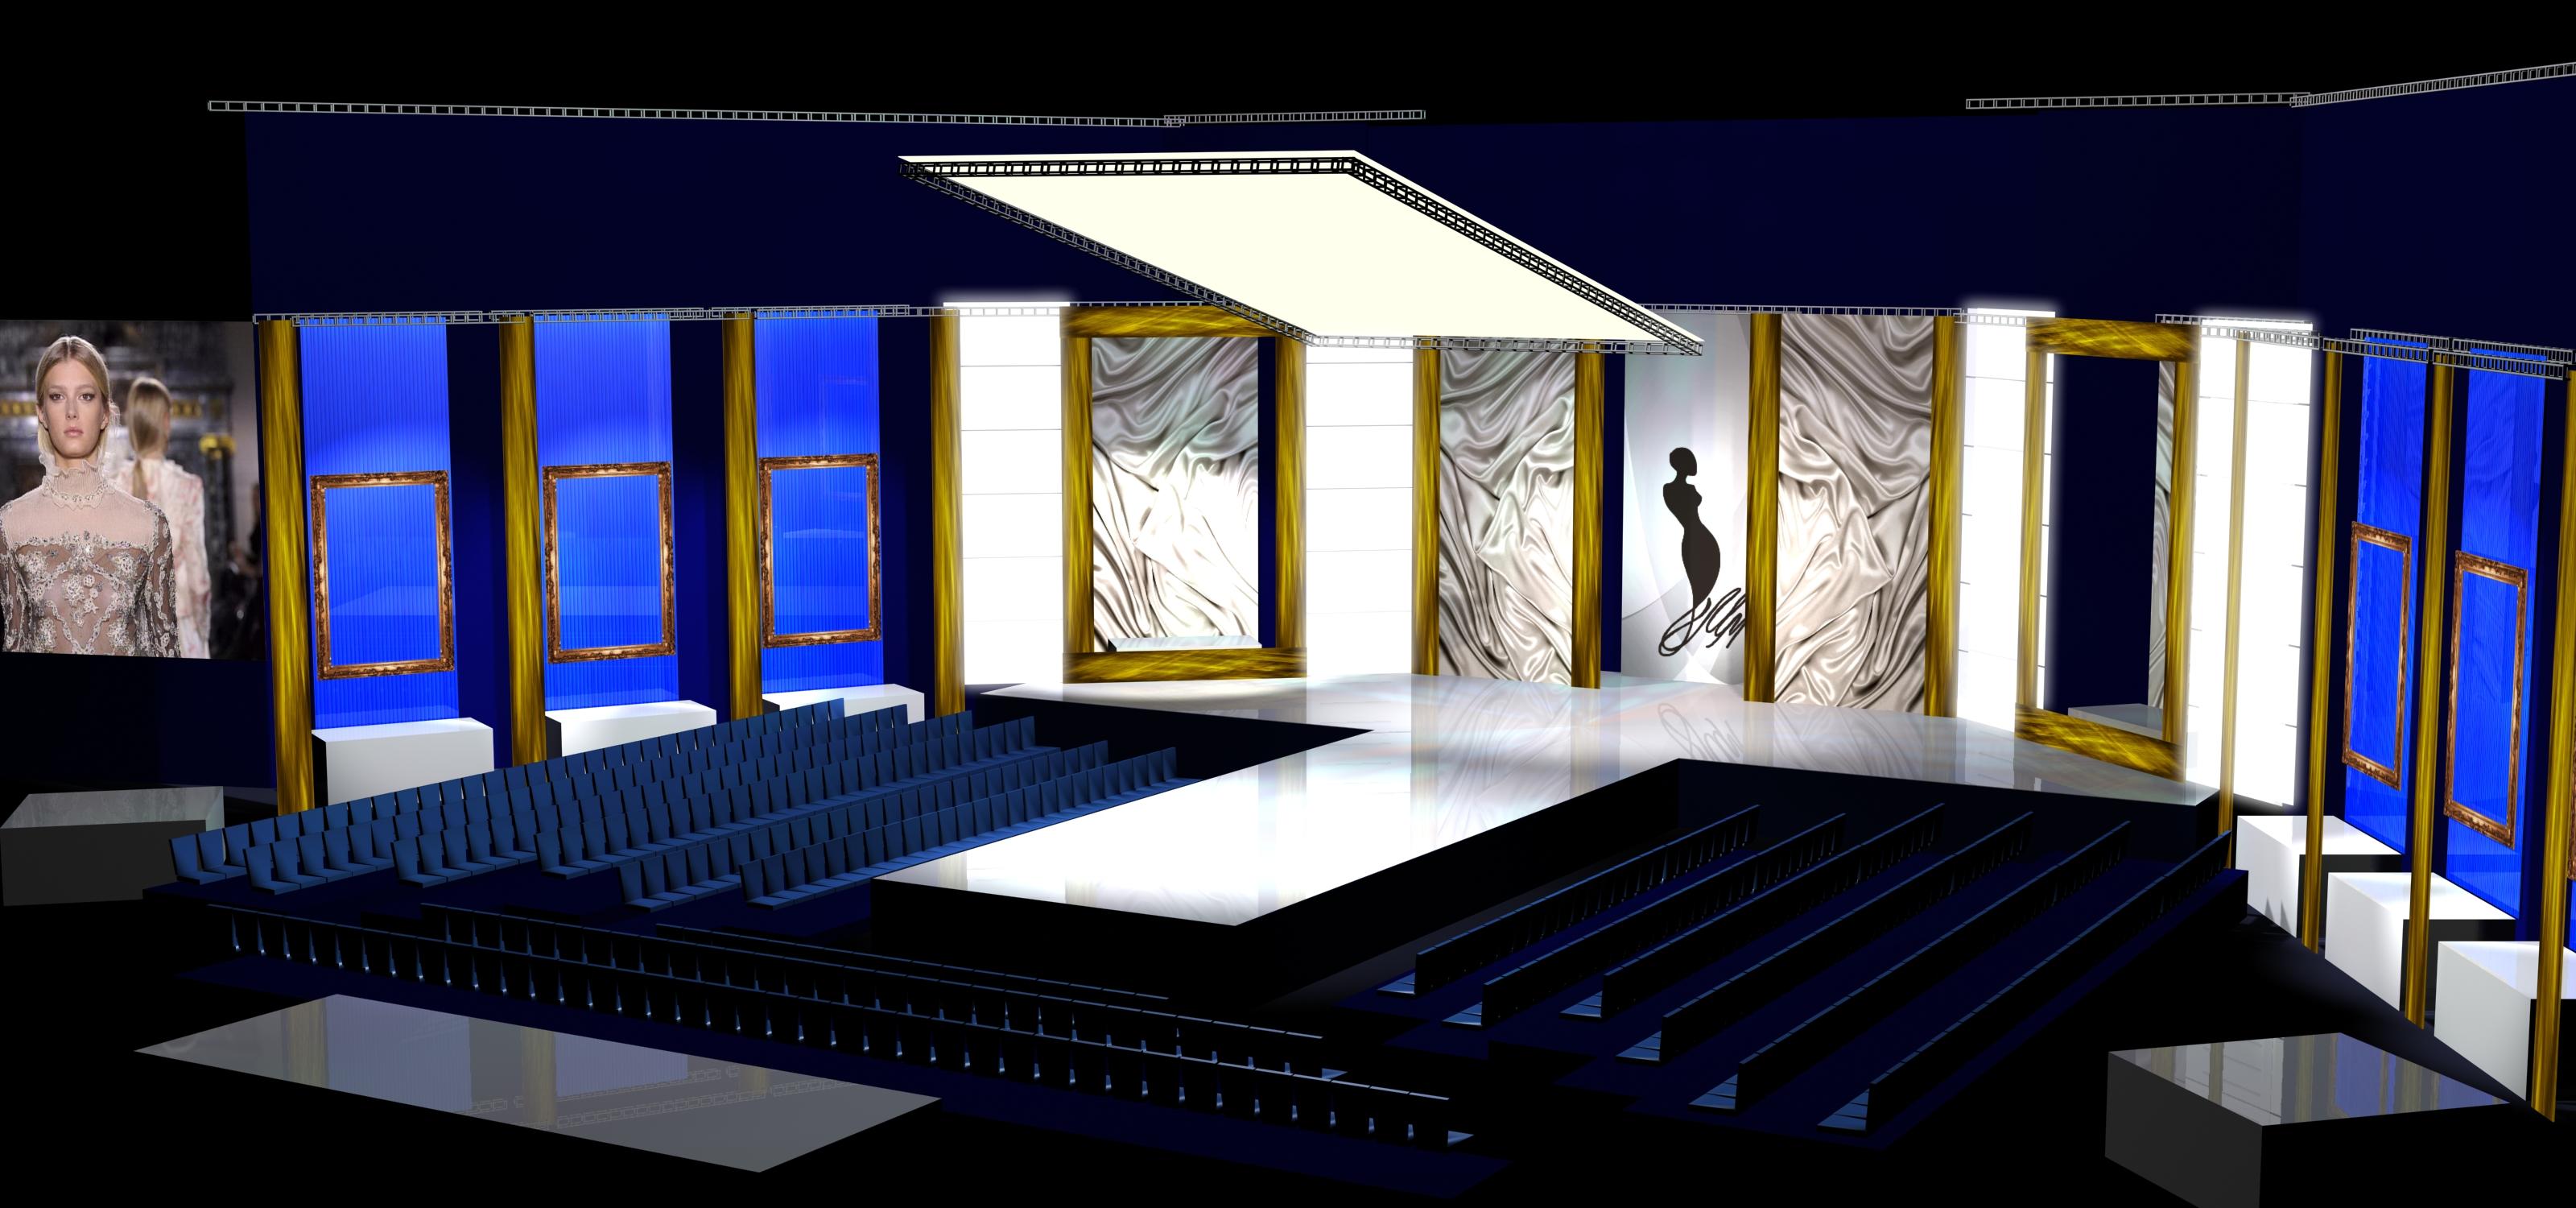 Театрально декорационный дизайн